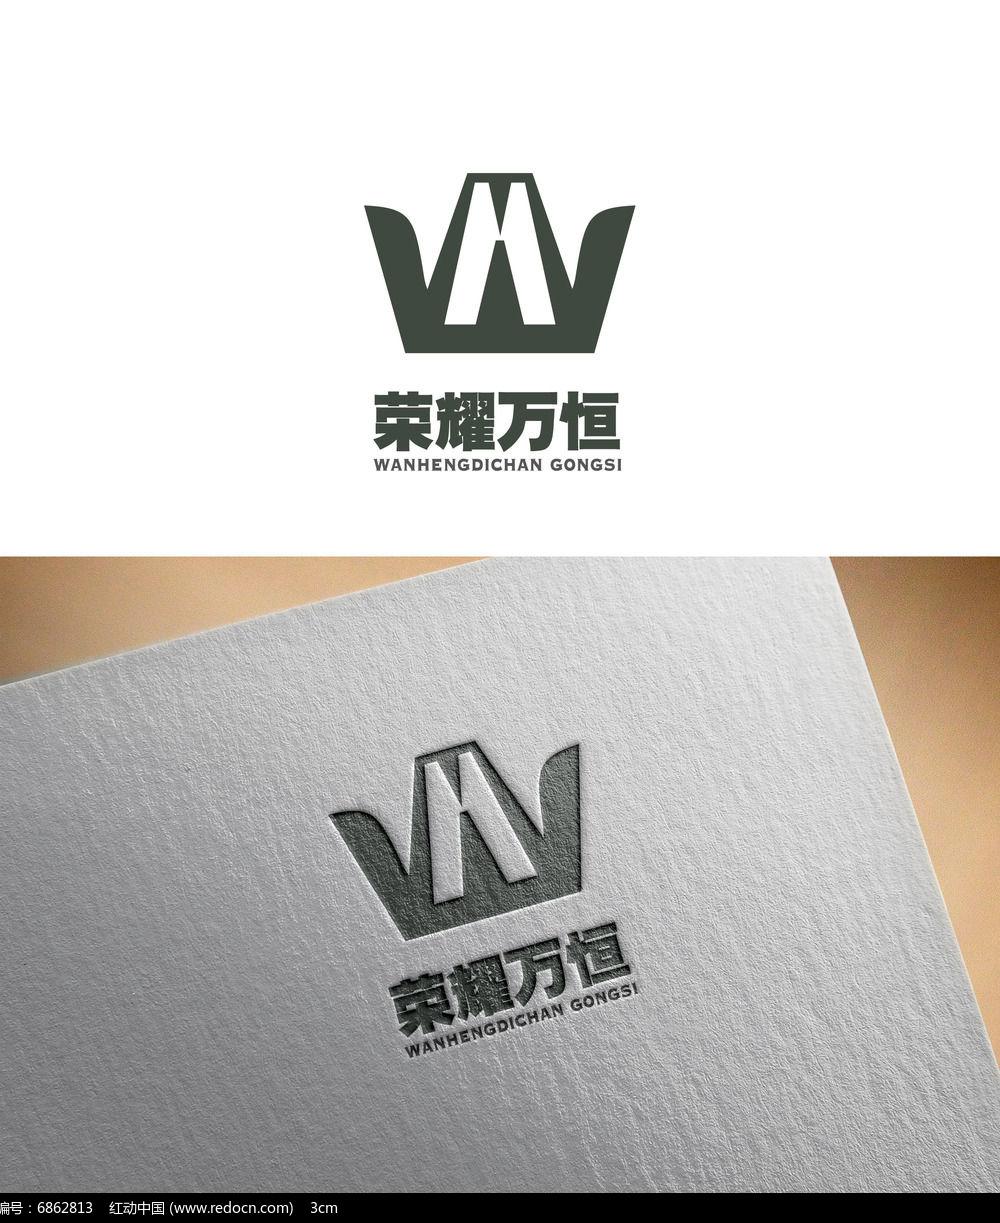 荣耀万恒地产logo